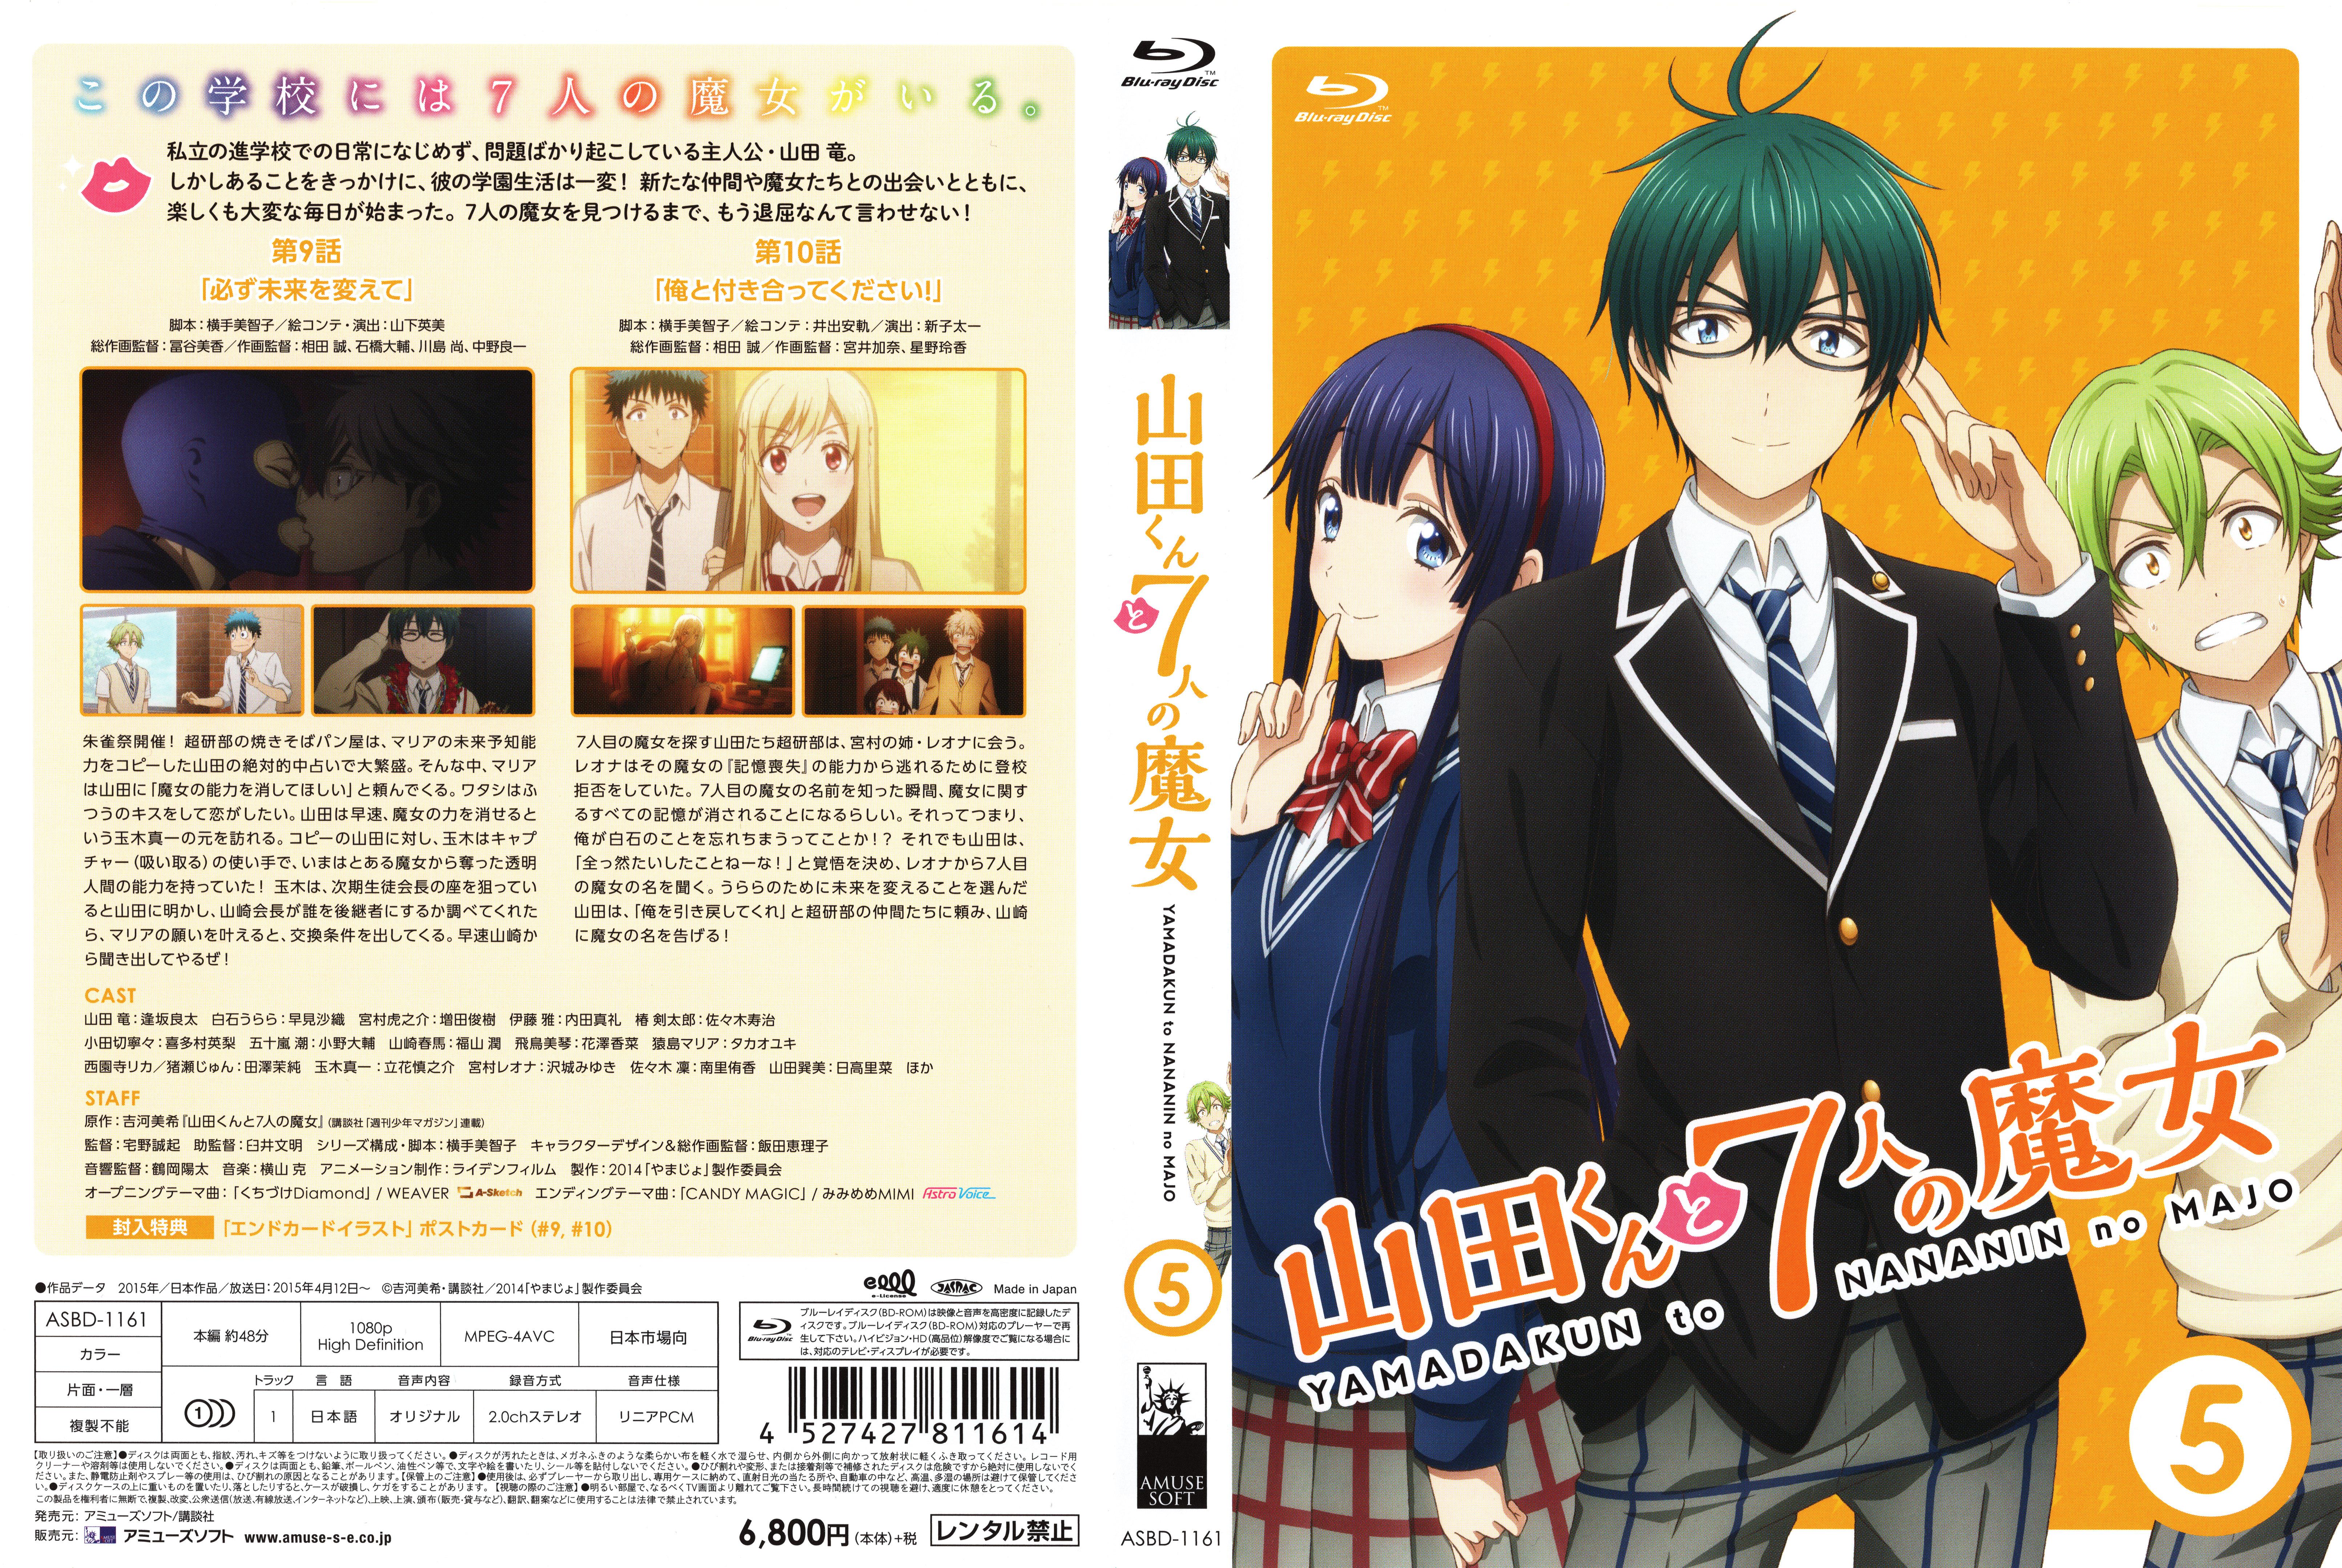 Yamada Kun To 7 Nin No Majo Bd Vol 5 Yamada Kun To 7 Nin No